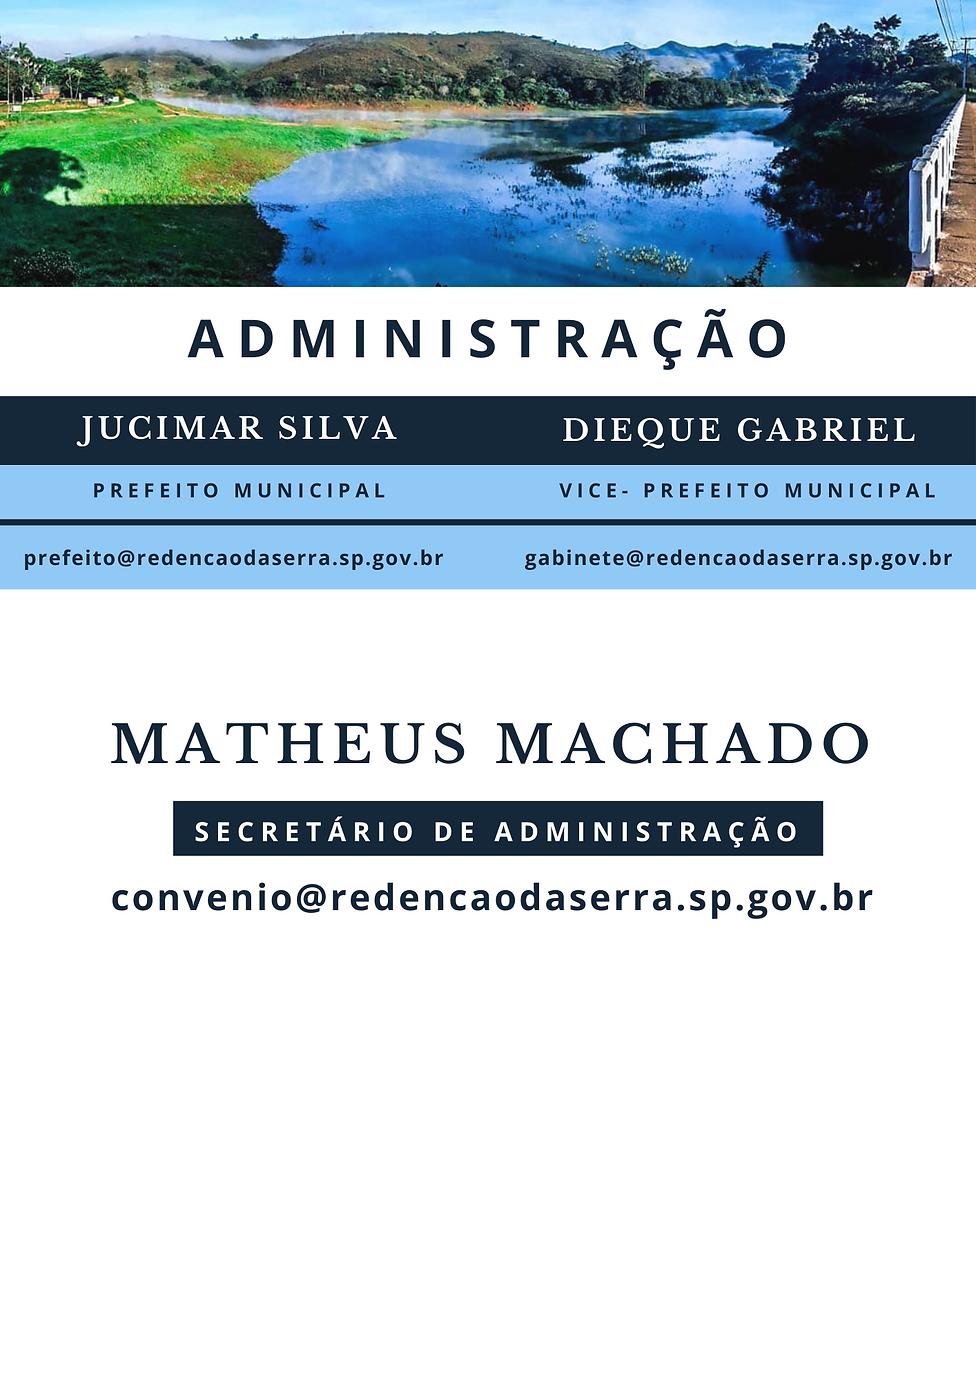 Adminsitração.png